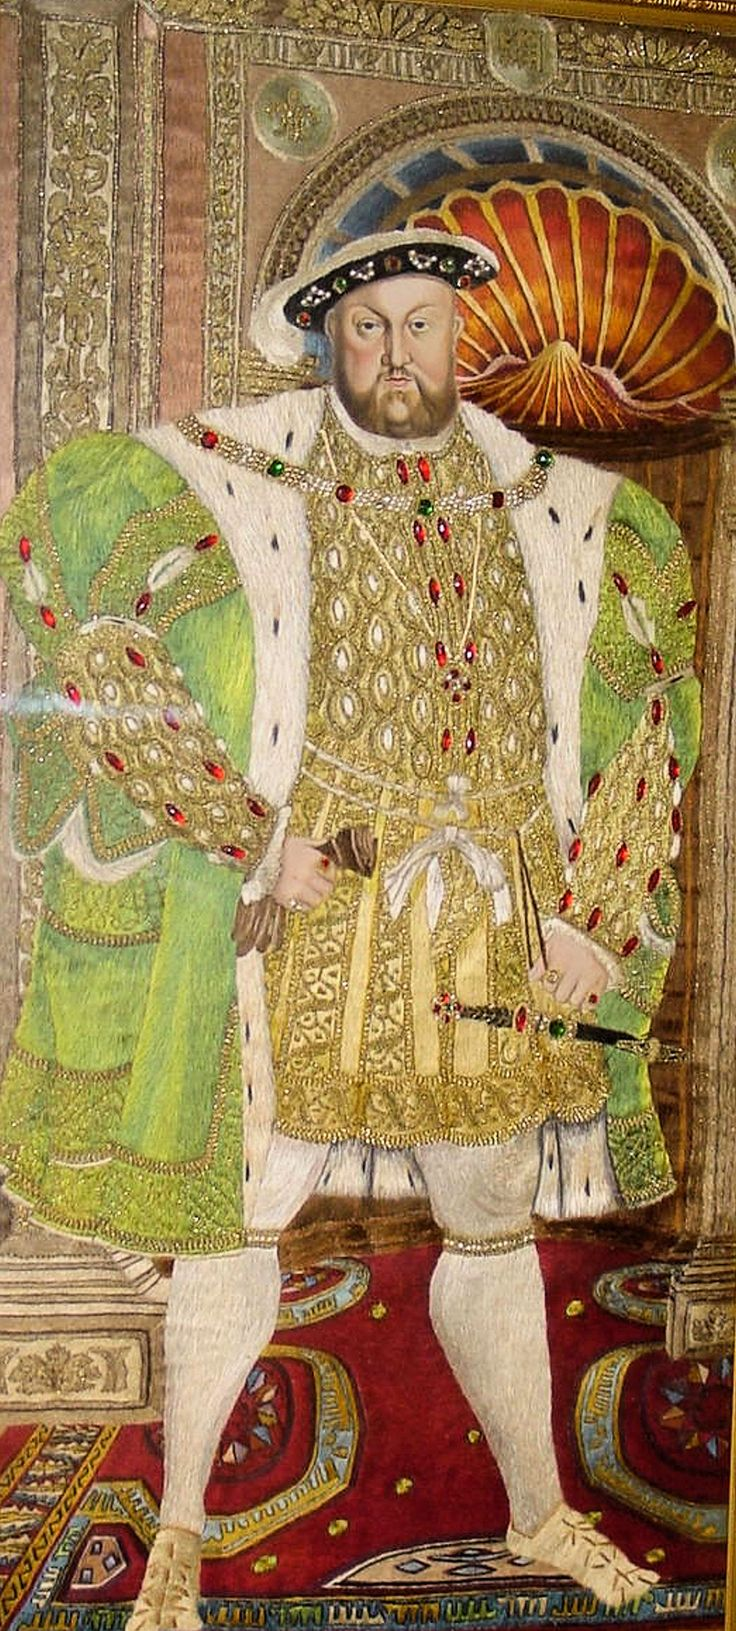 En abril de 1543, Arran escuchó un rumor de que Enrique VIII ahora deseaba hacer Maria del modo su sexta esposa. Se enfrentó a María con esto y que prevaricó, aprendiendo de él (como ya había adivinado) que le dijo todo lo que Sadler.